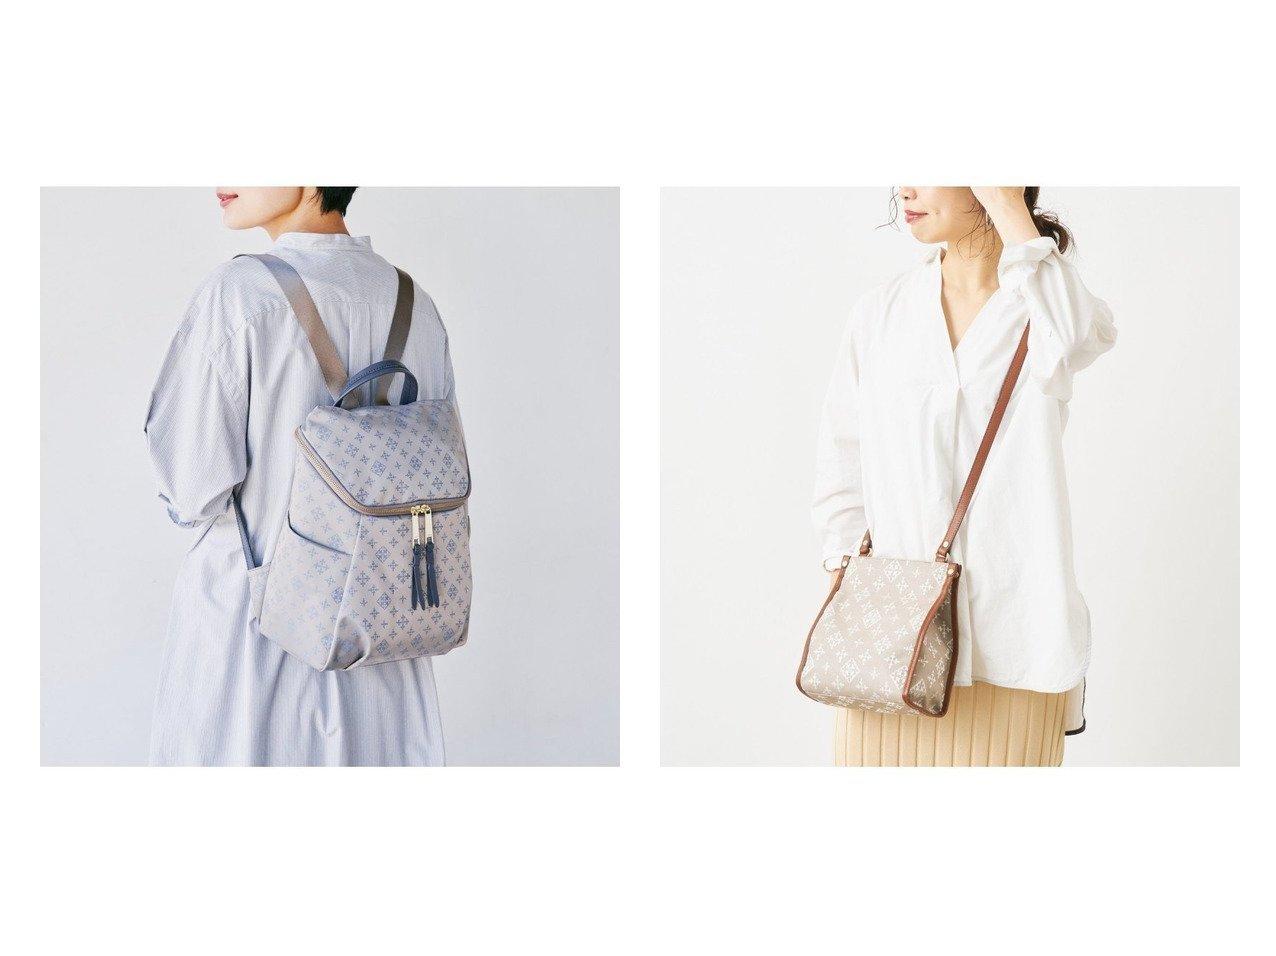 【russet/ラシット】のシンプルリュックサック(CE-512)&スクエアミニショルダーバッグ【コットンジャガード】(CE-103) おすすめ!人気、トレンド・レディースファッションの通販 おすすめで人気の流行・トレンド、ファッションの通販商品 インテリア・家具・メンズファッション・キッズファッション・レディースファッション・服の通販 founy(ファニー) https://founy.com/ ファッション Fashion レディースファッション WOMEN バッグ Bag イヤリング 傘 軽量 シンプル ジャケット スマート セットアップ トラベル 人気 ポケット ポーチ 日傘 リュック 2021年 2021 2021春夏・S/S SS/Spring/Summer/2021 日本製 Made in Japan |ID:crp329100000061222